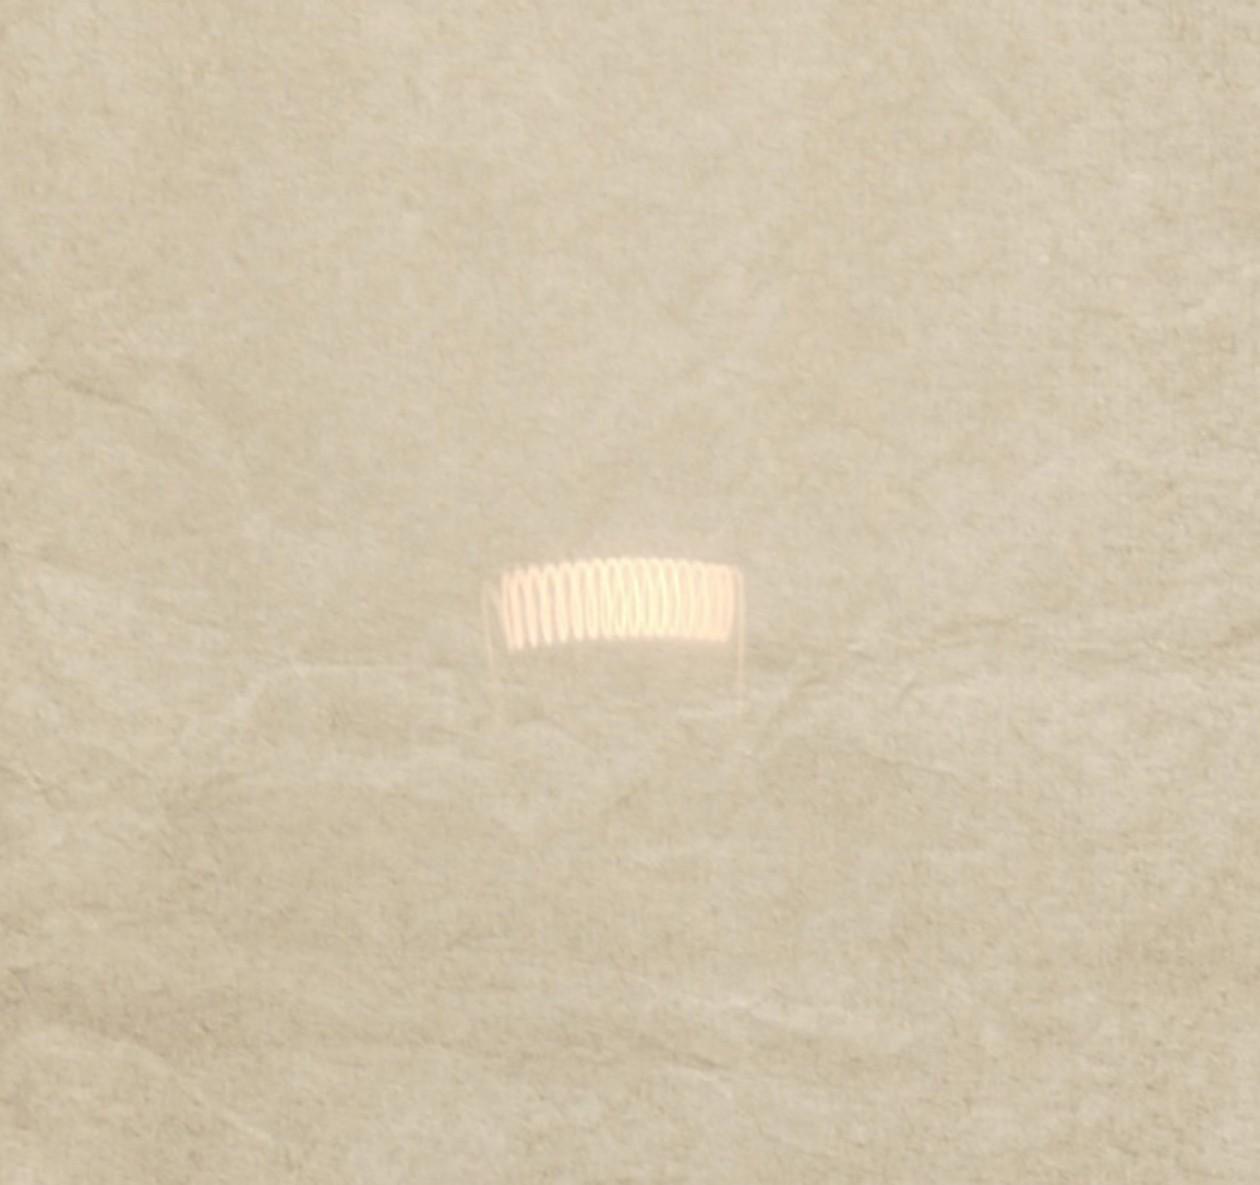 eclipse detail